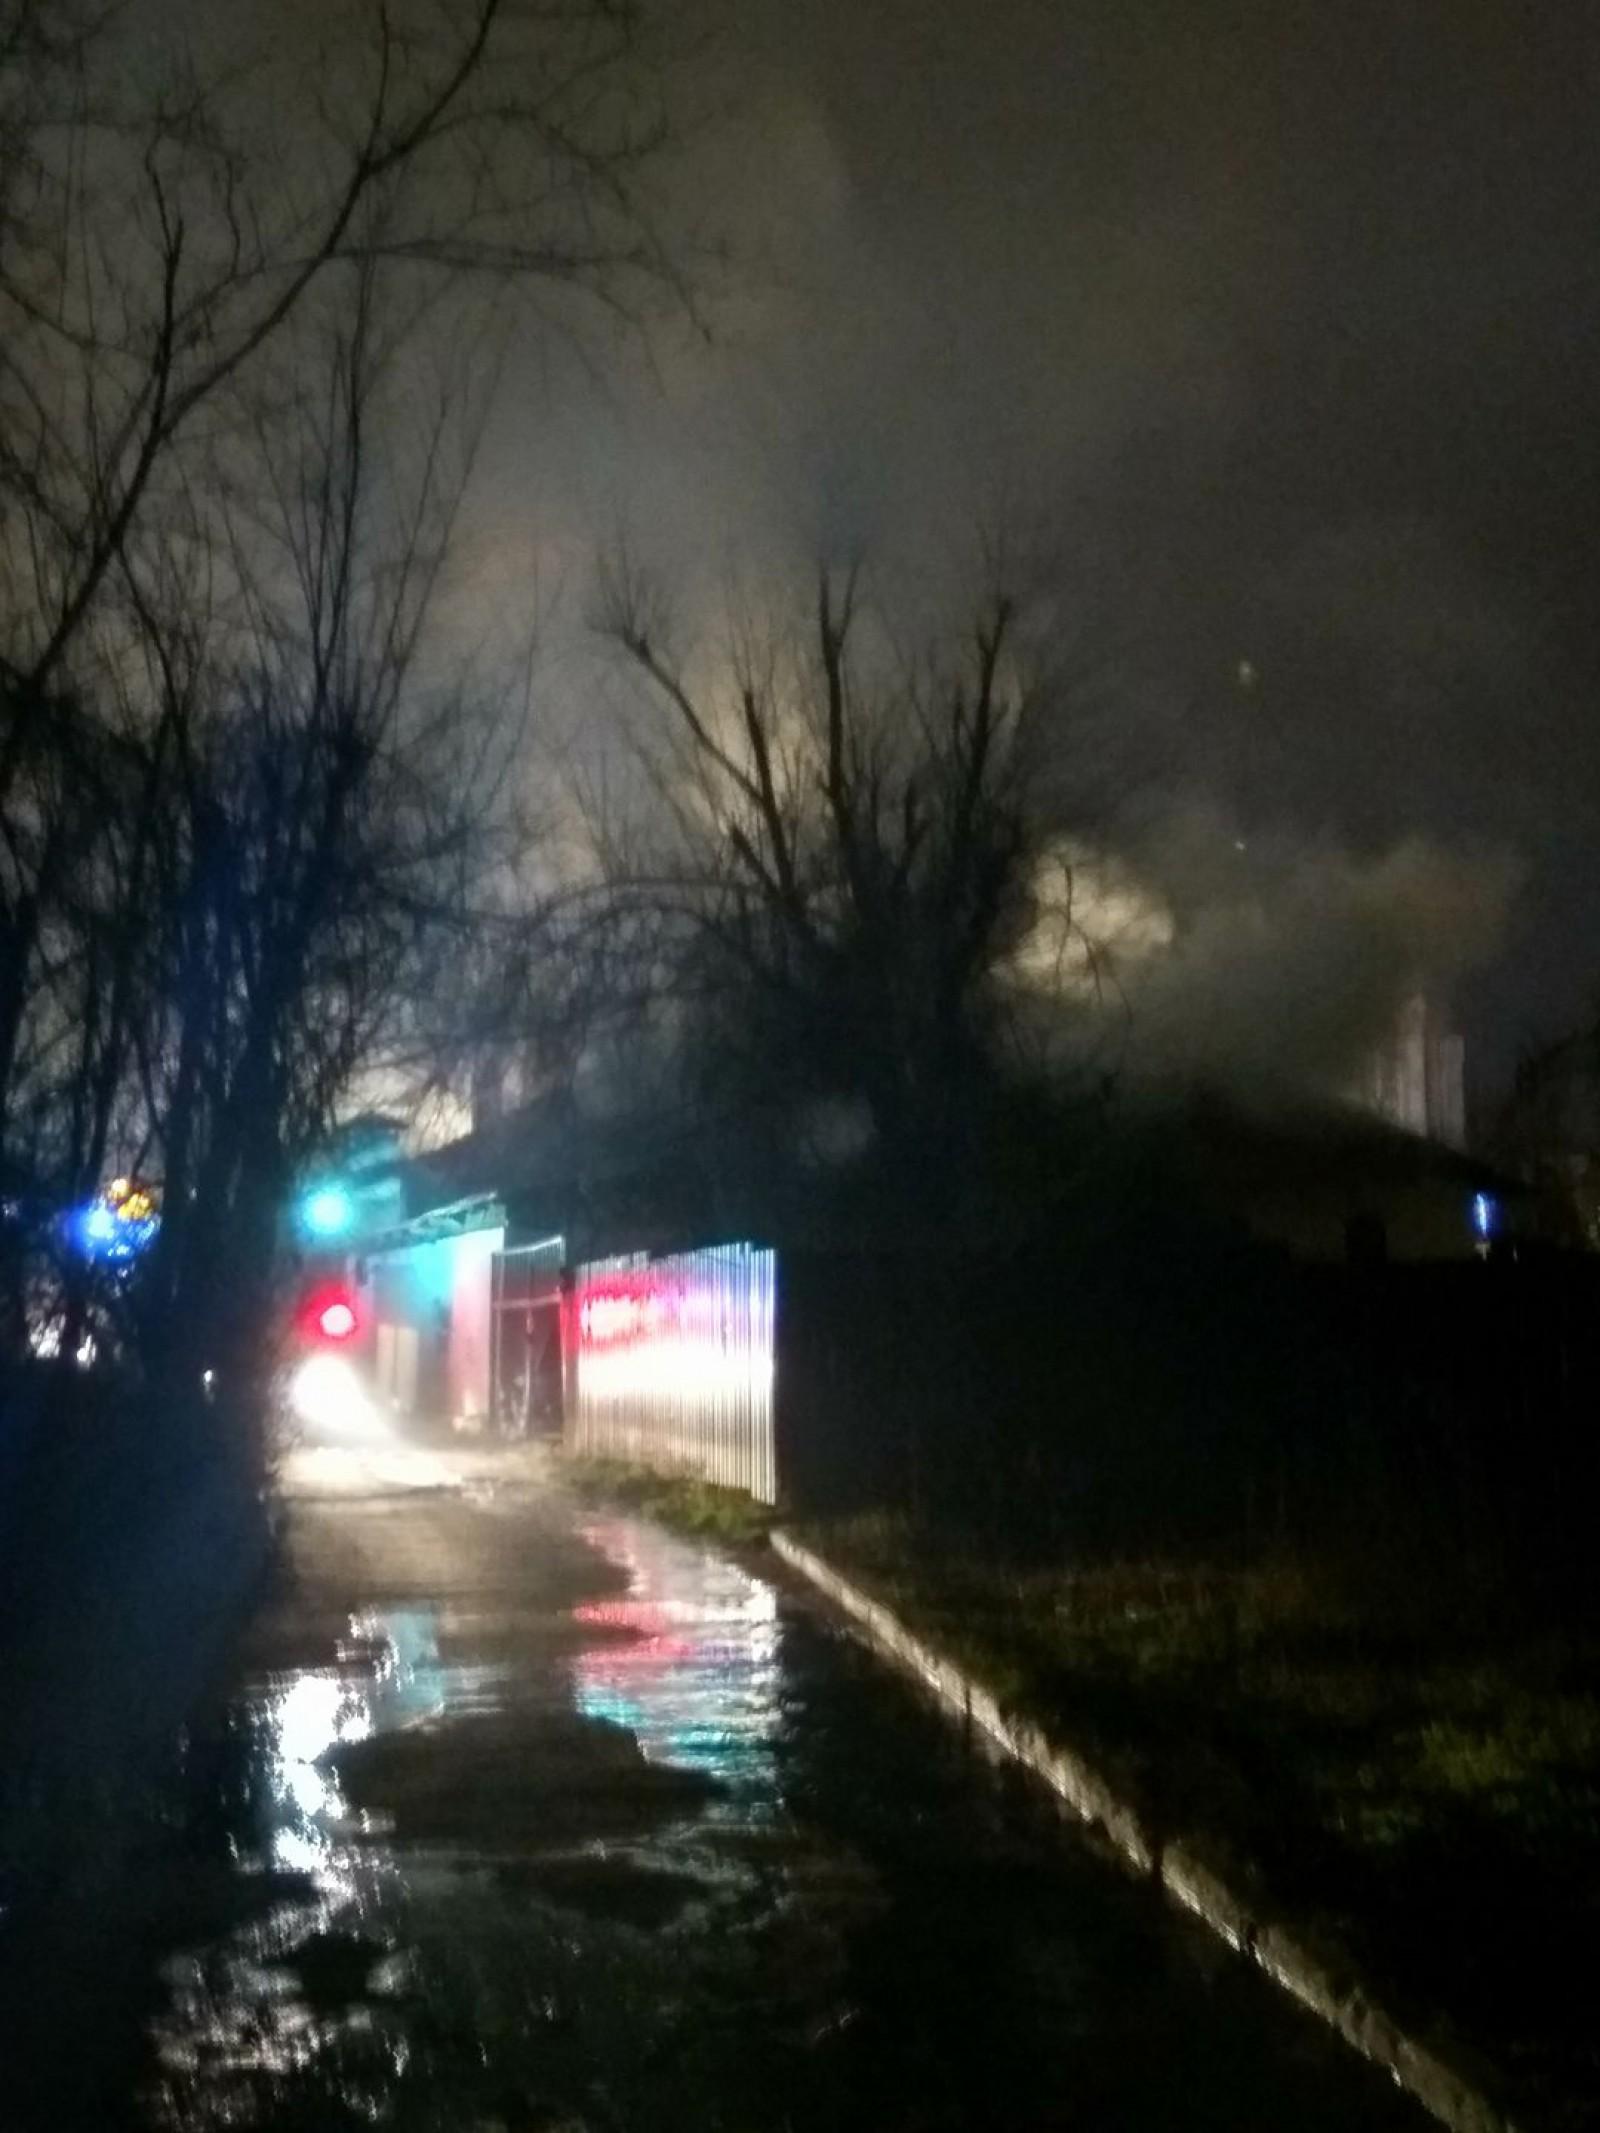 Incendiu la un restaurant din capitală. Patru autospeciale luptă cu focul, iar două persoane au avut de suferit